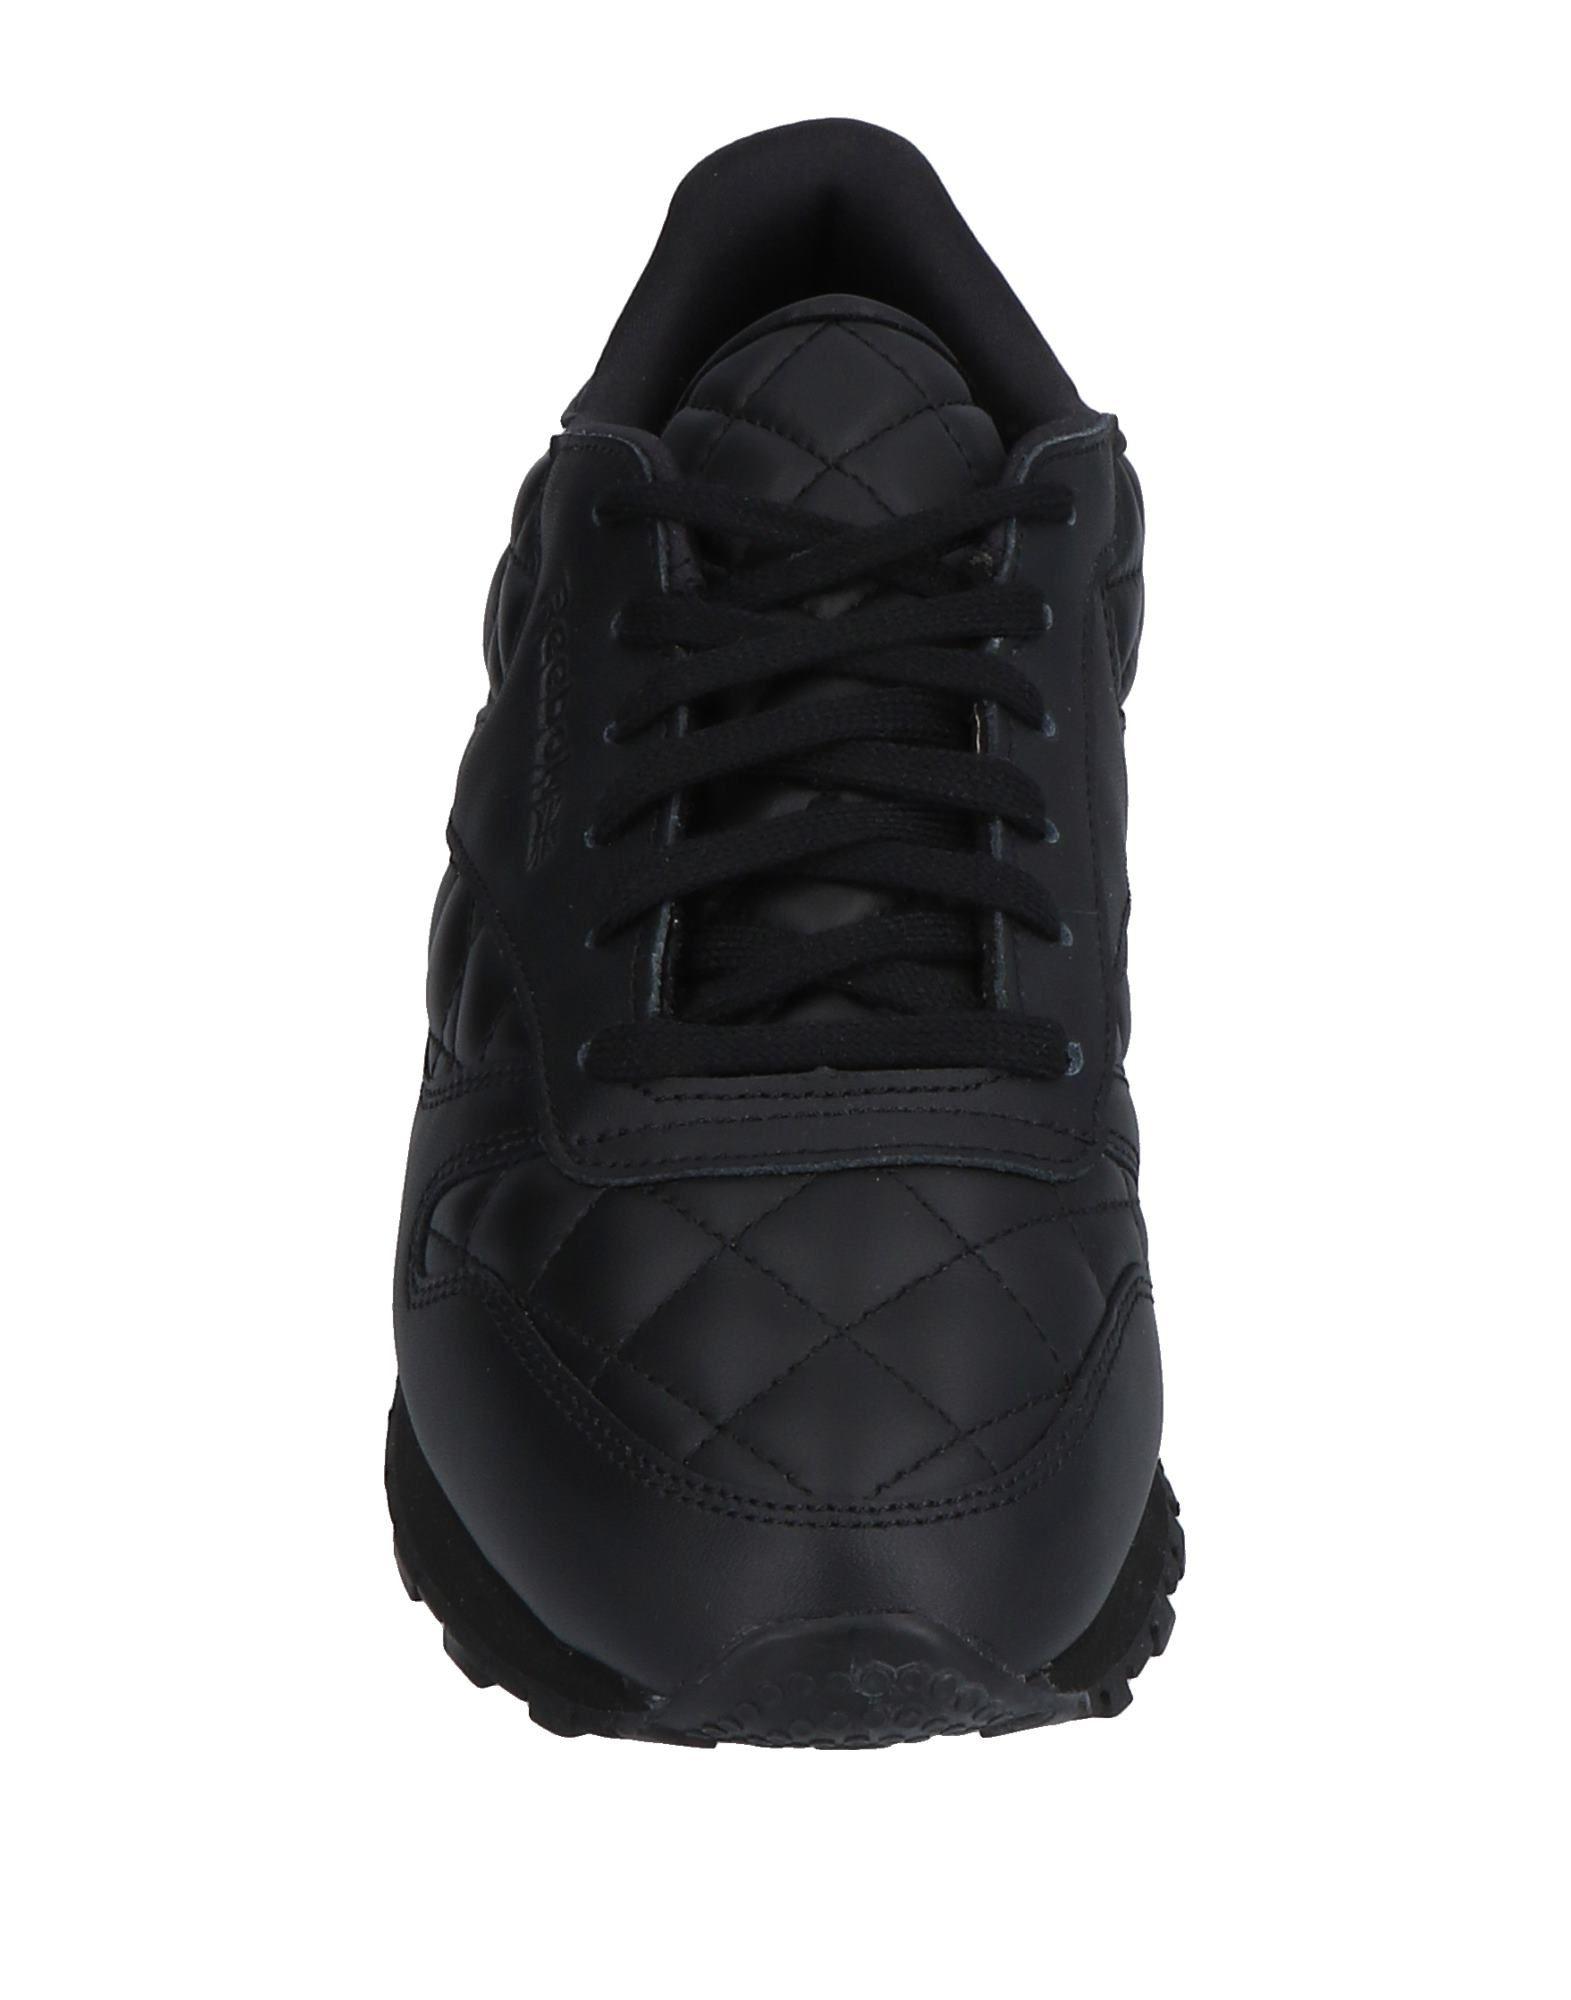 Reebok Sneakers Qualität Damen  11498083JJ Gute Qualität Sneakers beliebte Schuhe b12daa